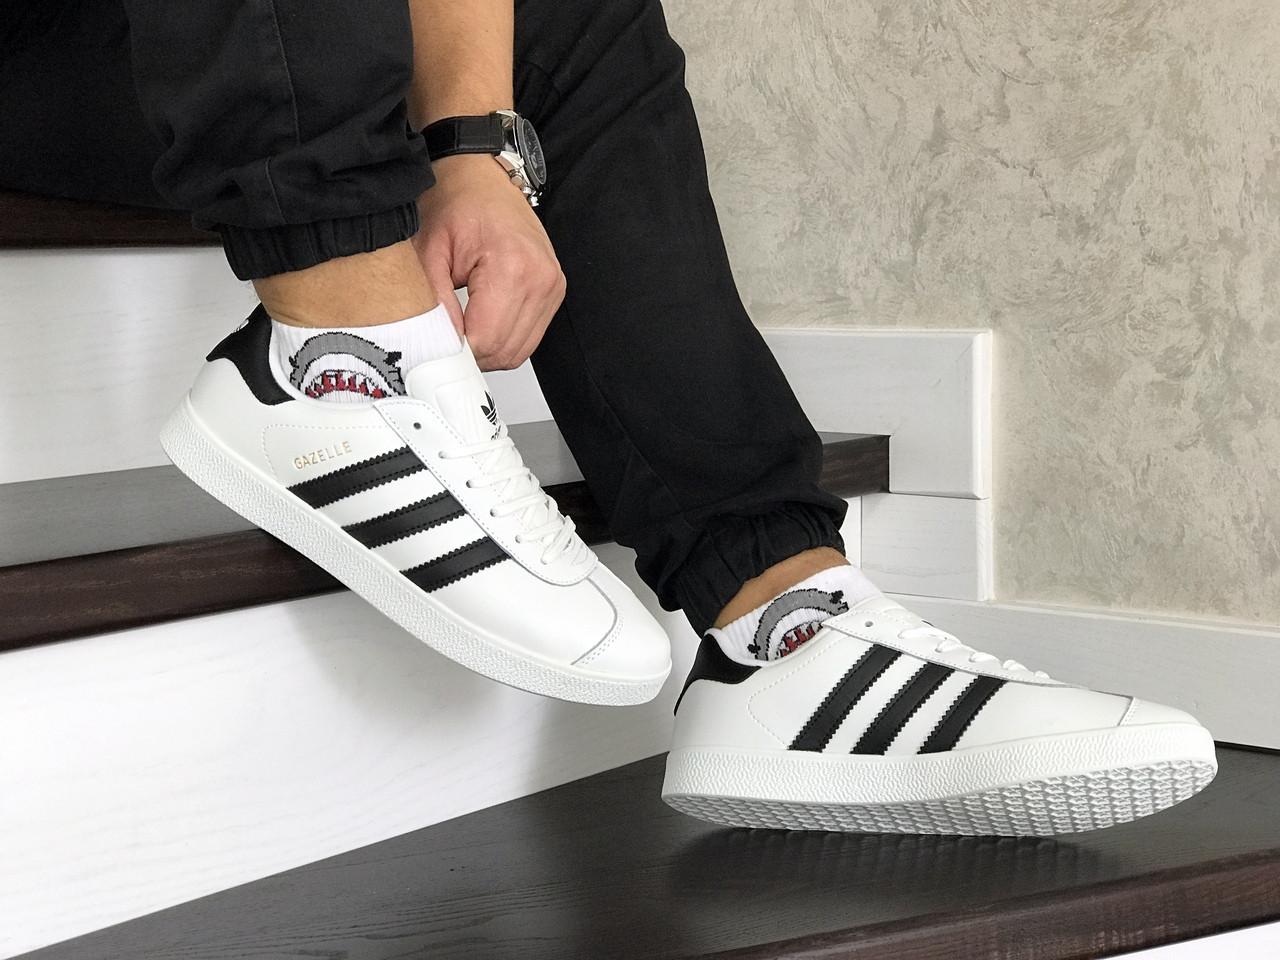 Білі чоловічі кросівки Adidas Gazelle Leather Traine / кеди адідас газелі (Топ репліка ААА+)